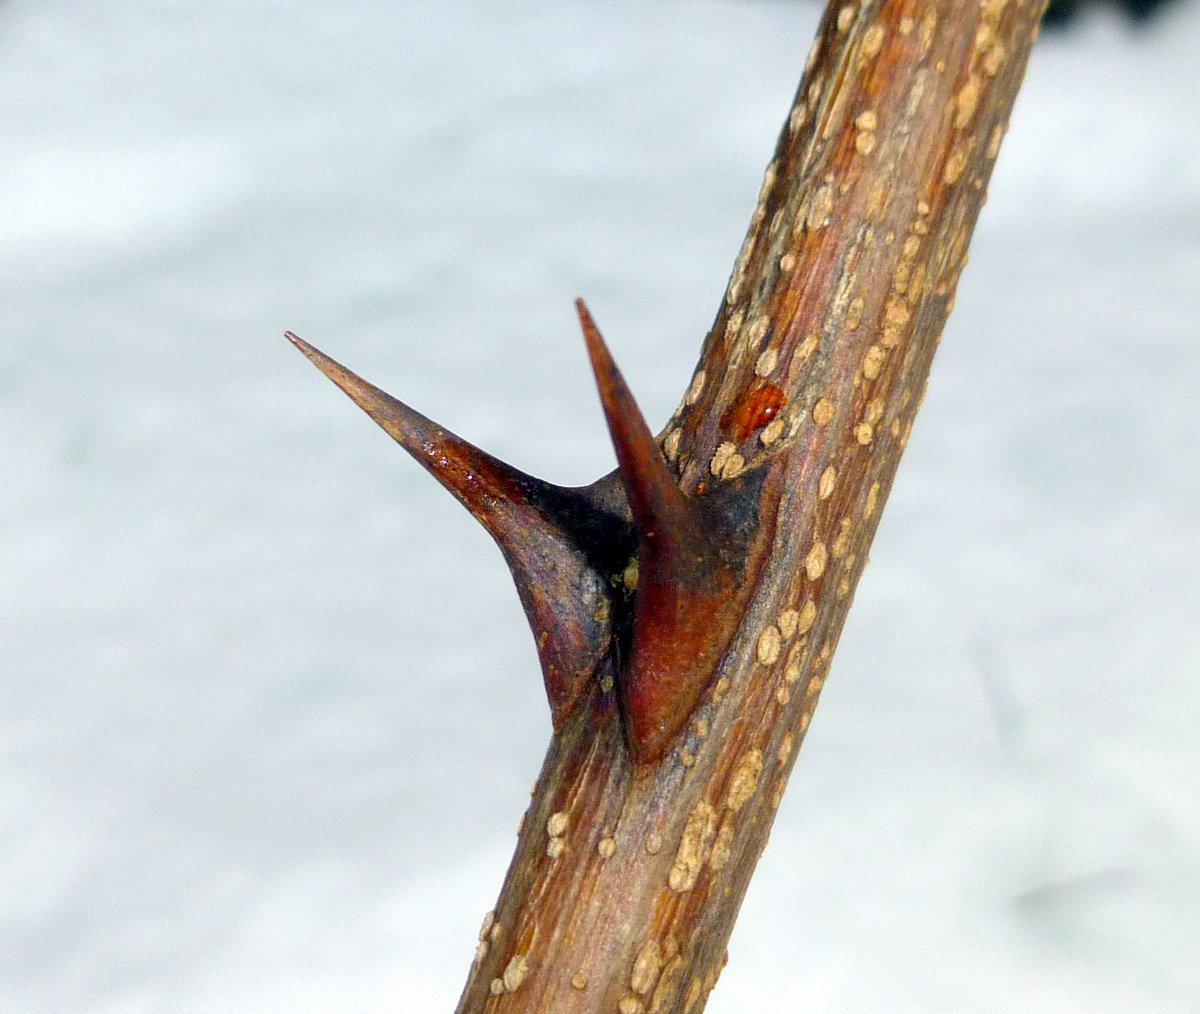 1. Black Locust Thorns